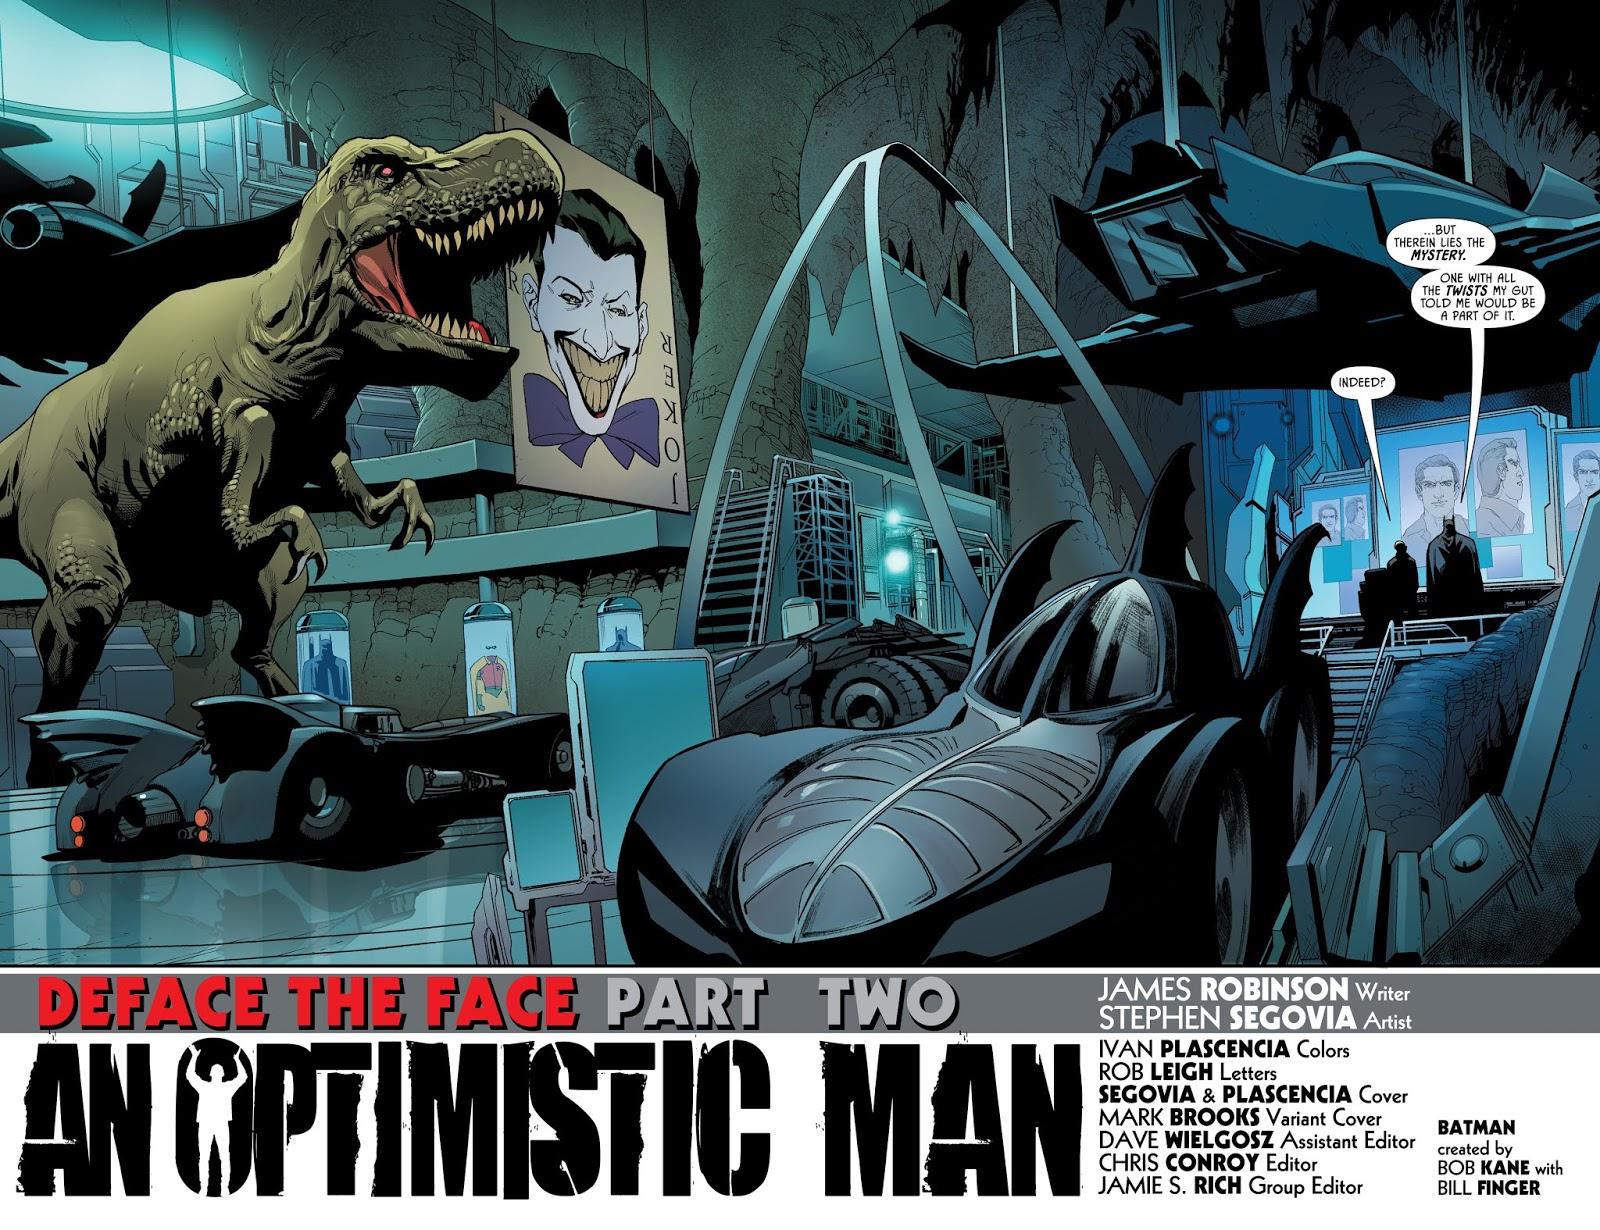 Batcave (Detective Comics #989)